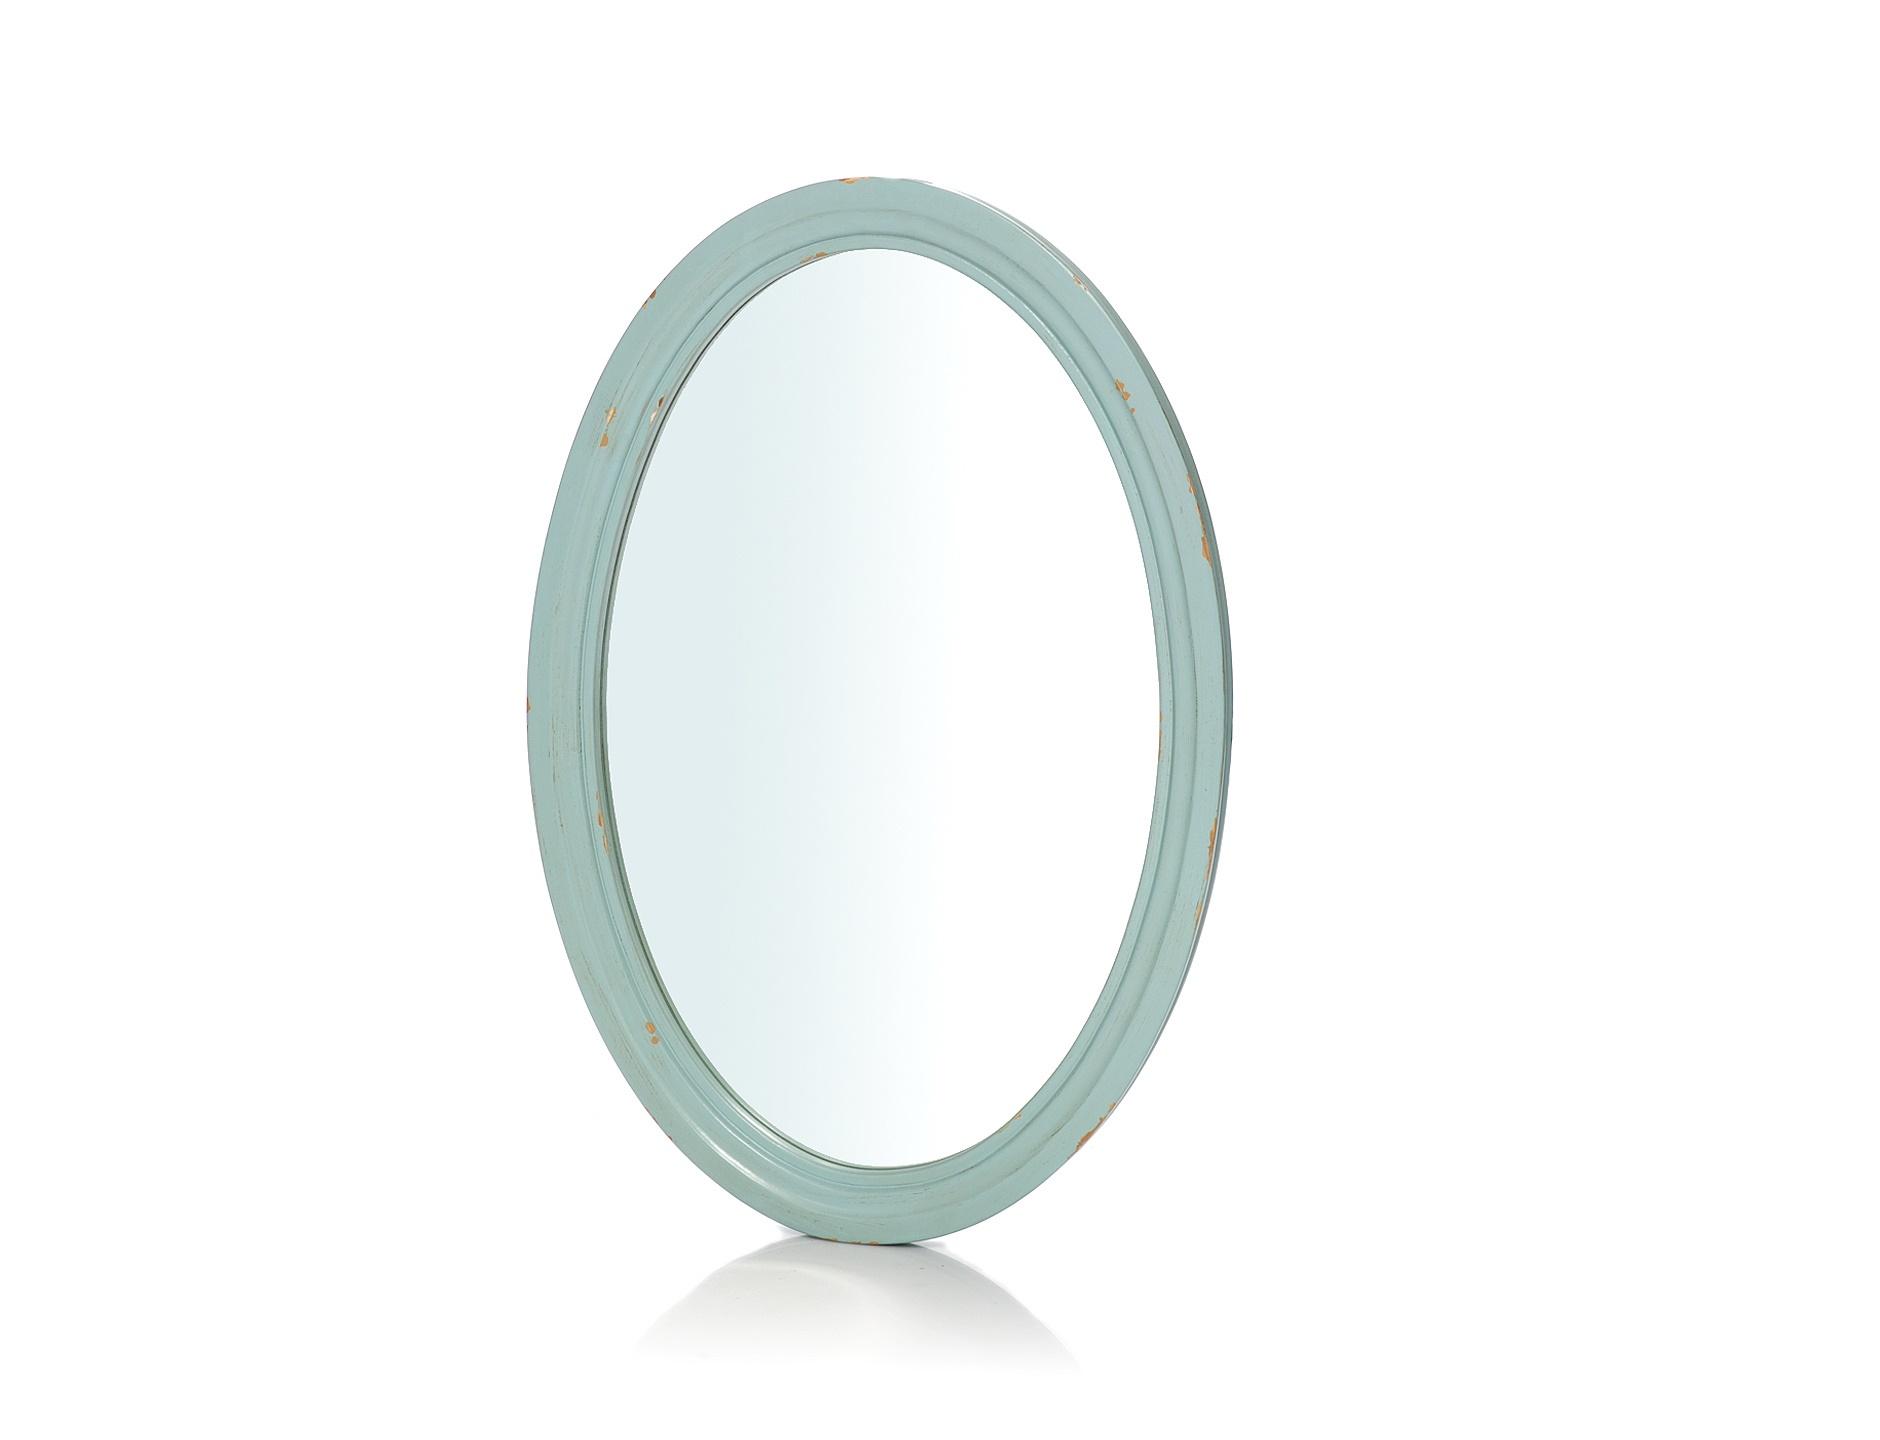 ЗеркалоНастенные зеркала<br>Простота выступает главным лейтмотивом в дизайне этого зеркала. Она позволяет ему выглядеть элегантно, выражая в своей скромности истинное благородство облика. Единственное, чем выделяется овальная рама ? романтичным бирюзовым цветом. В сочетании с патинированием такая гамма выглядит очаровательно, позволяя зеркалу обретать притягательность прованского стиля.<br><br>Material: Дерево<br>Length см: None<br>Width см: 55<br>Depth см: 3<br>Height см: 80